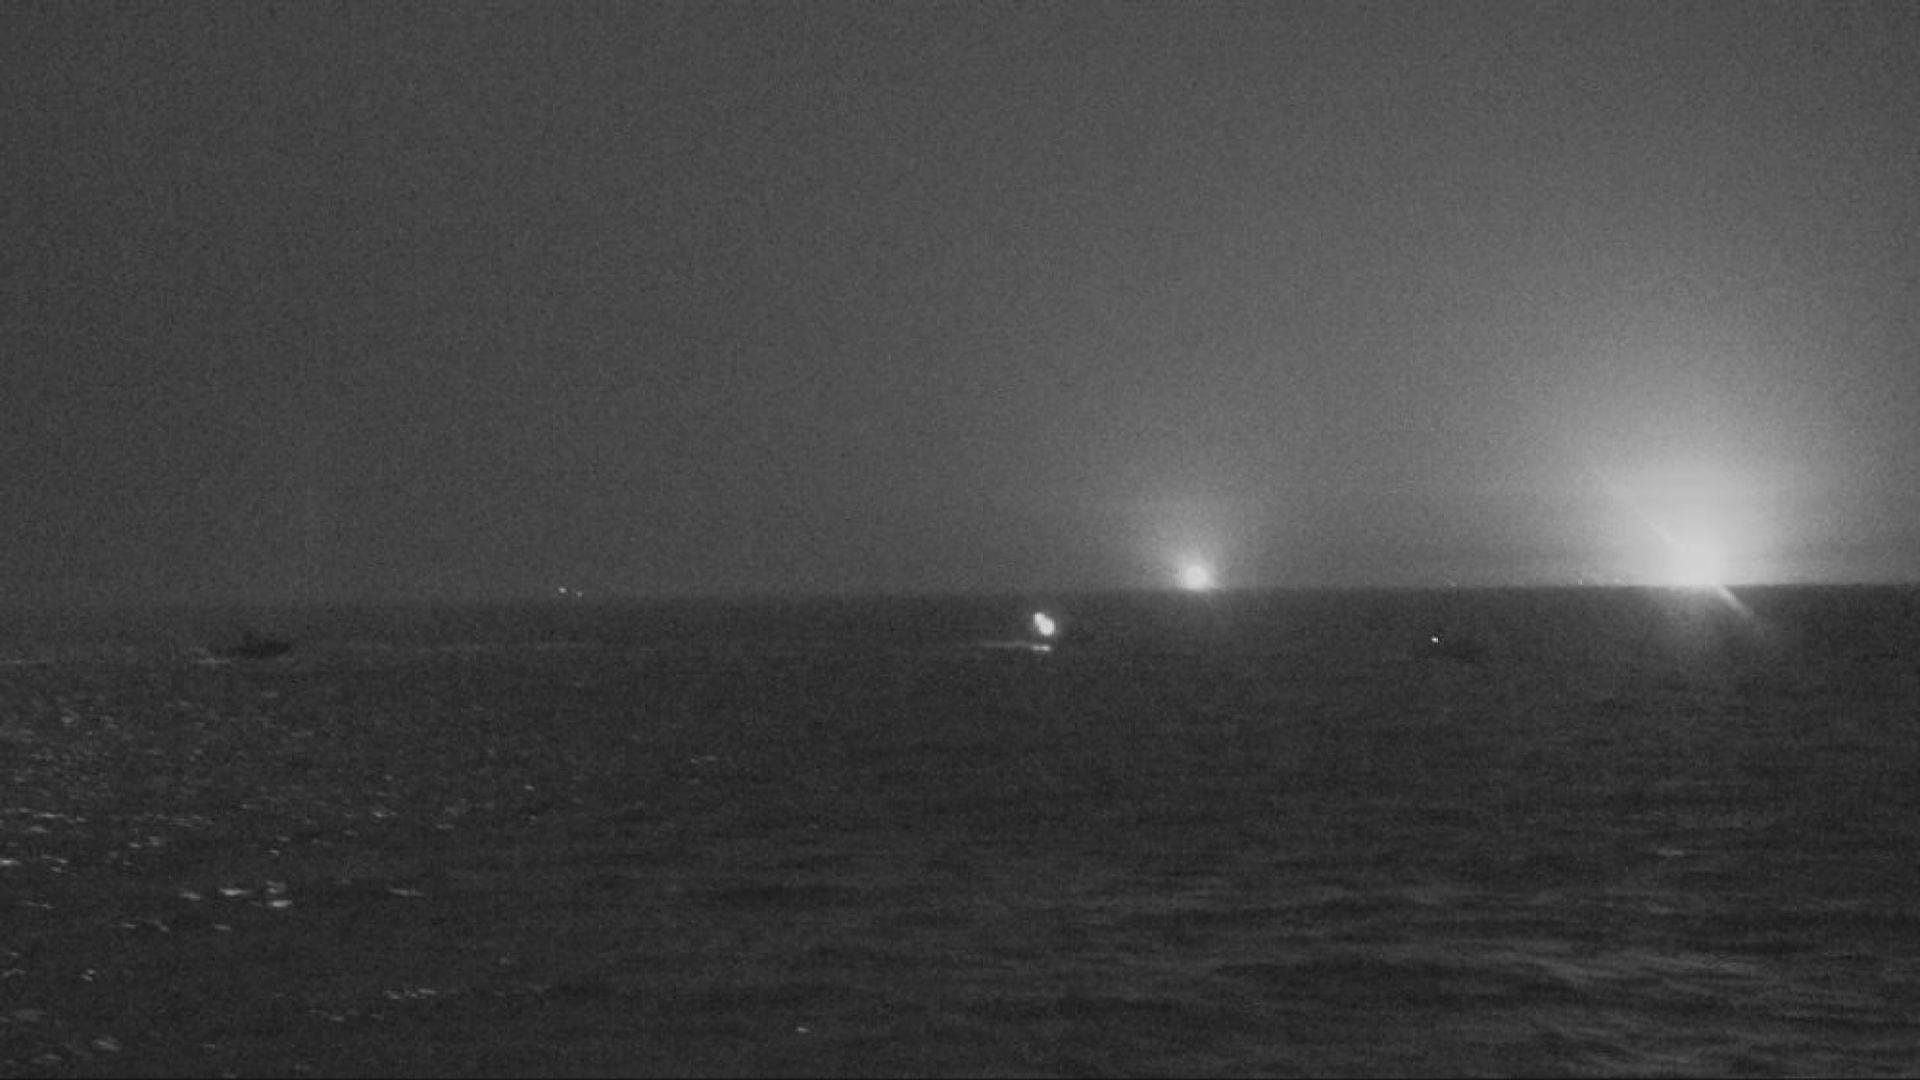 伊朗船艦高速駛近美軍巡邏艦 美方開火警告